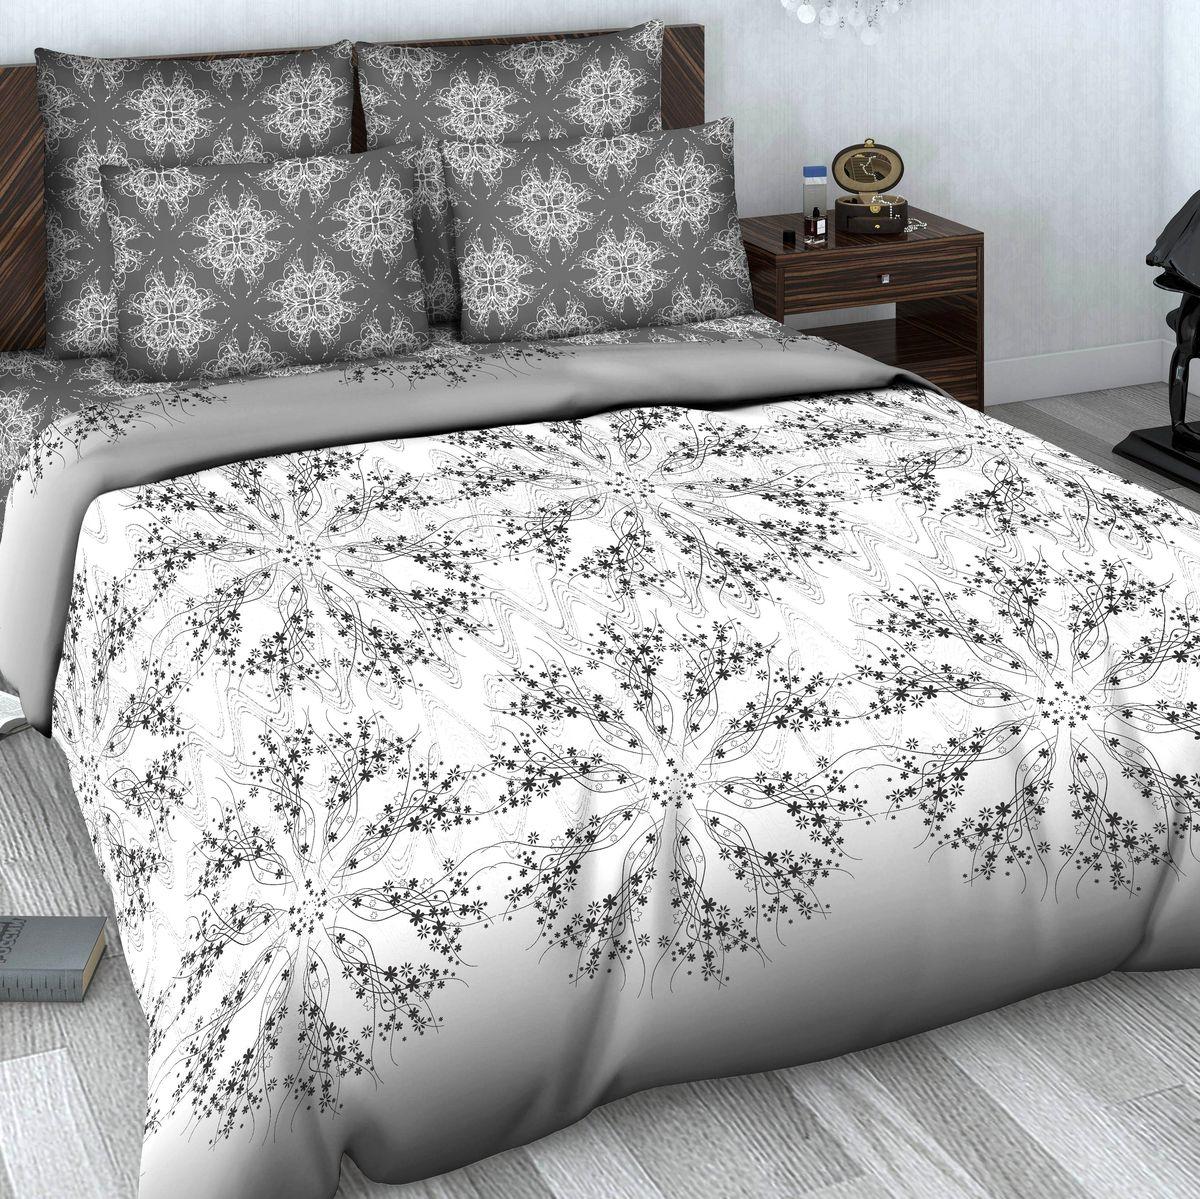 Комплект белья Василиса, 2-спальный, наволочки 70х70. 602/2706-2ФККомплект постельного белья Василиса состоит из пододеяльника, простыни и двух наволочек. Белье изготовлено из высококачественного сатина (100% хлопка). Постельное белье представляет собой блестящую и плотную ткань. Ткань очень приятна на ощупь, сатиновое постельное белье долговечно и выдерживает большое число стирок.Приобретая комплект постельного белья Василиса, вы можете быть уверены в том, что покупка доставит вам удовольствие и подарит максимальный комфорт.